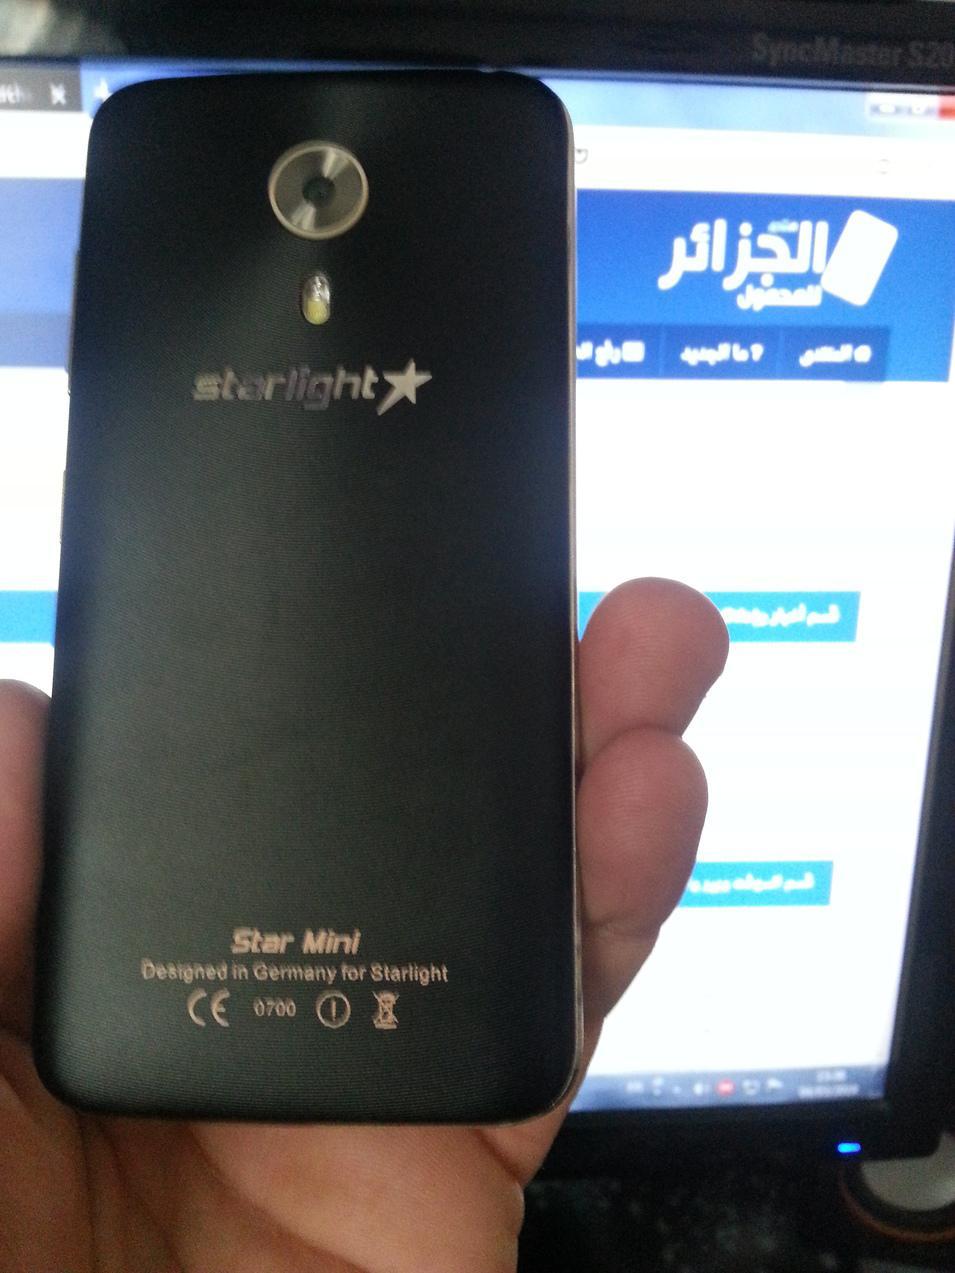 فلاشة هاتف starlight-STAR_MINI حصريا